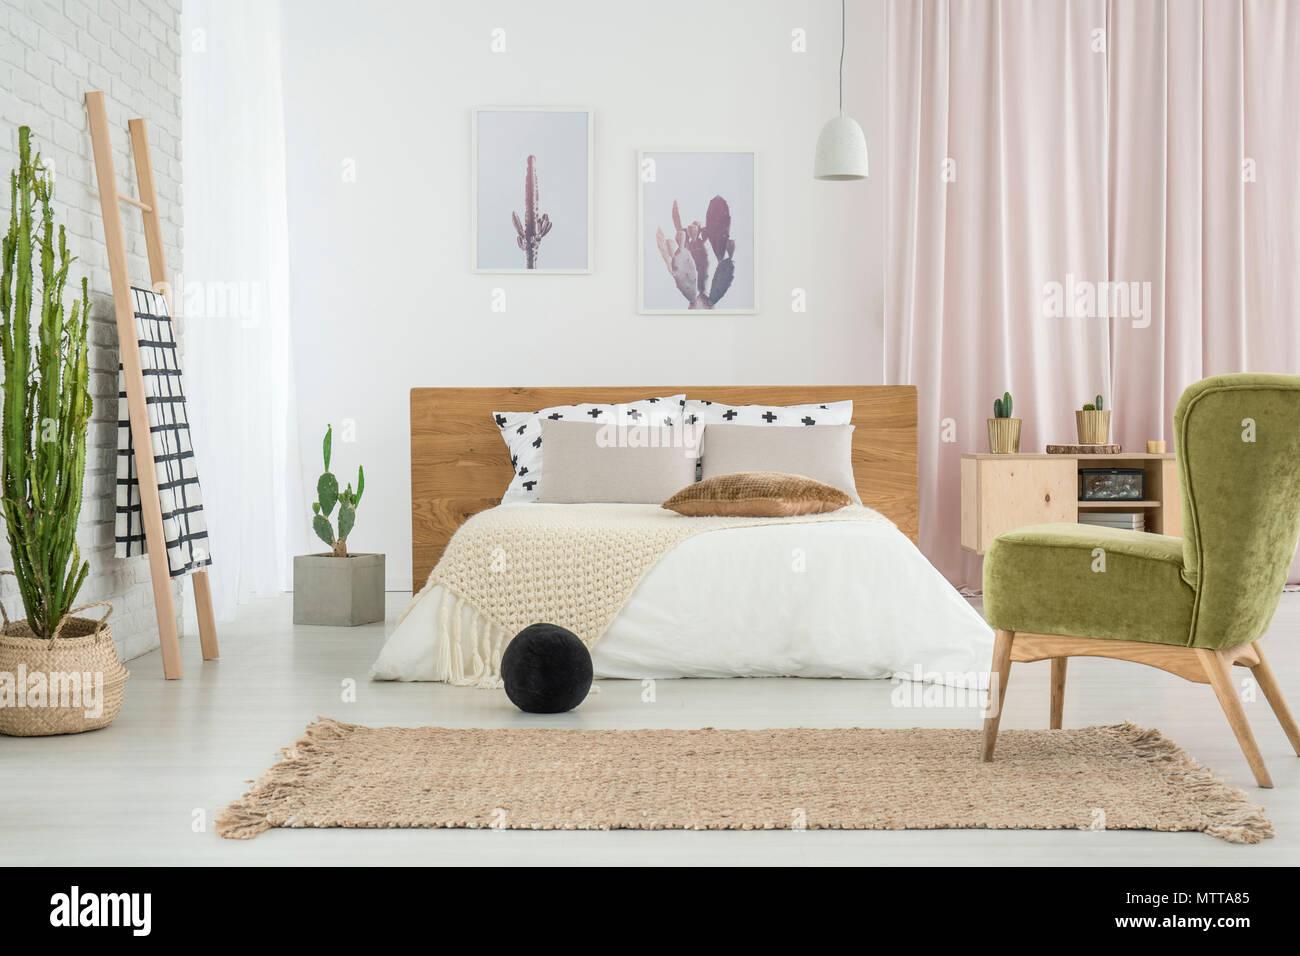 Lieblich Green Retro Stuhl Und Schwarze Kugel Im Schlafzimmer Mit Poster An Der Wand  über Kingsize Bett Und Cactus Neben Leiter